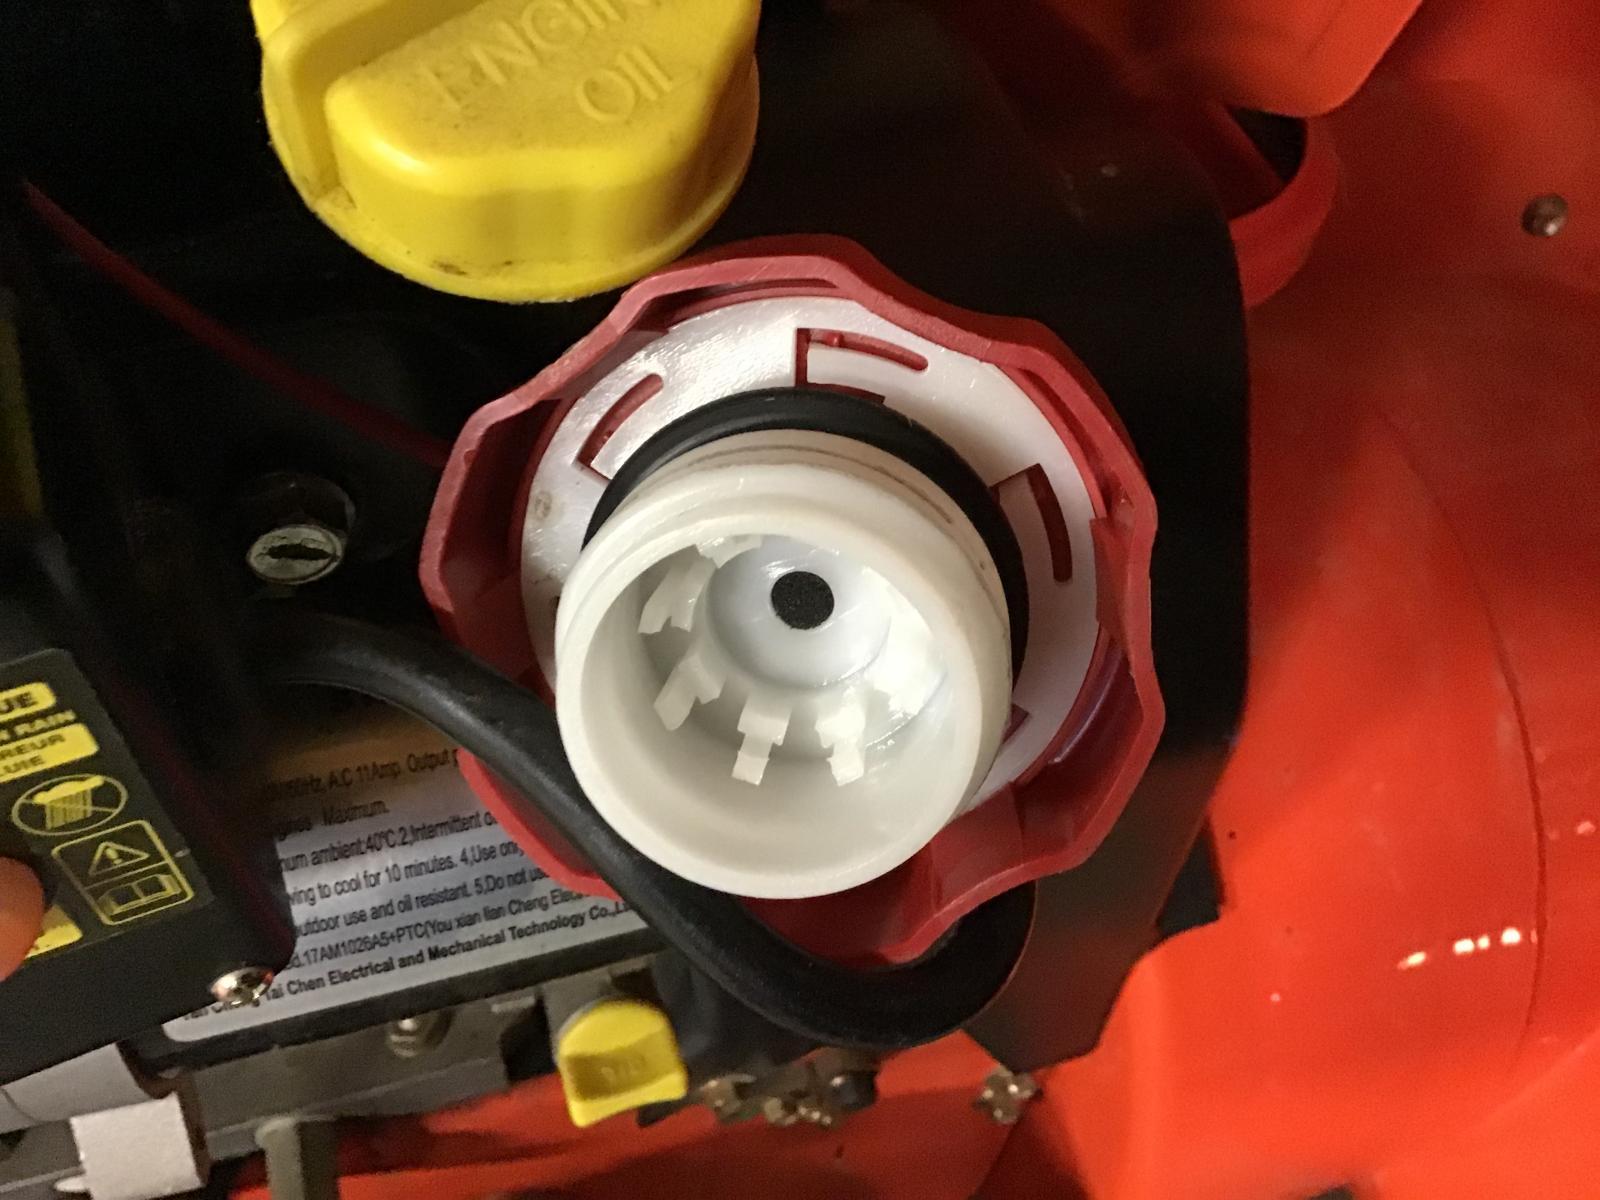 Is this gas cap missing something?-674e80eb-0b28-4575-b4a1-f55688a4abee.jpg